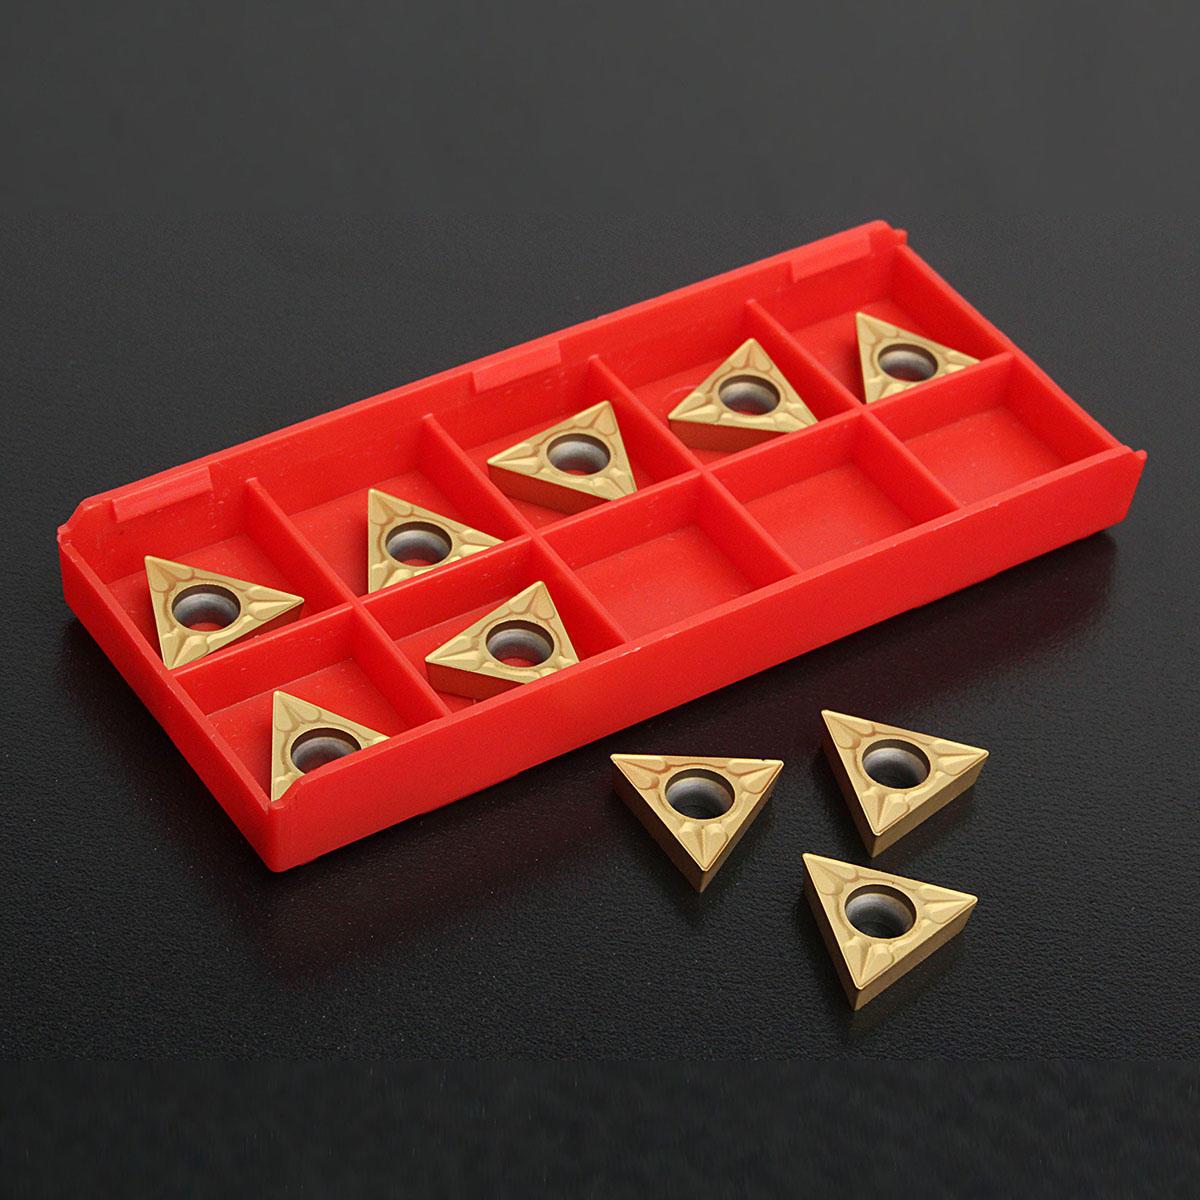 10шт ТКИТ 16T304 треугольной стали вольфрама карбида вставки Токарные инструменты б у 1д601 малогабаритные настольные токарные станки